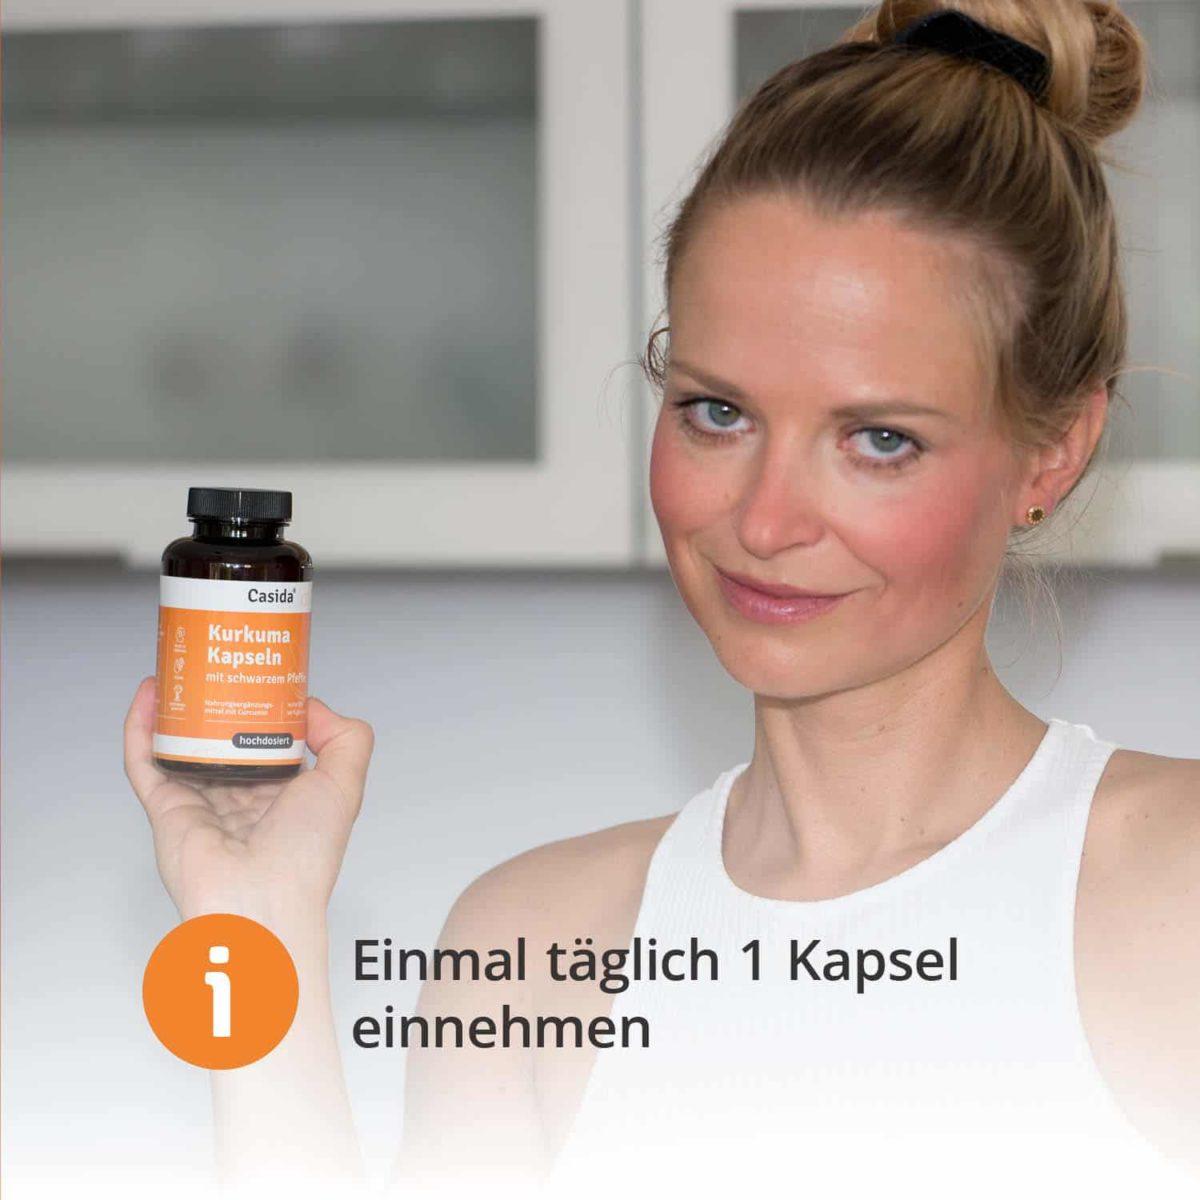 Casida Kurkuma Kapseln – 58 g 16671995 PZN Apotheke Schwarzer Pfeffer Nahrungsergänzung 2 (6)